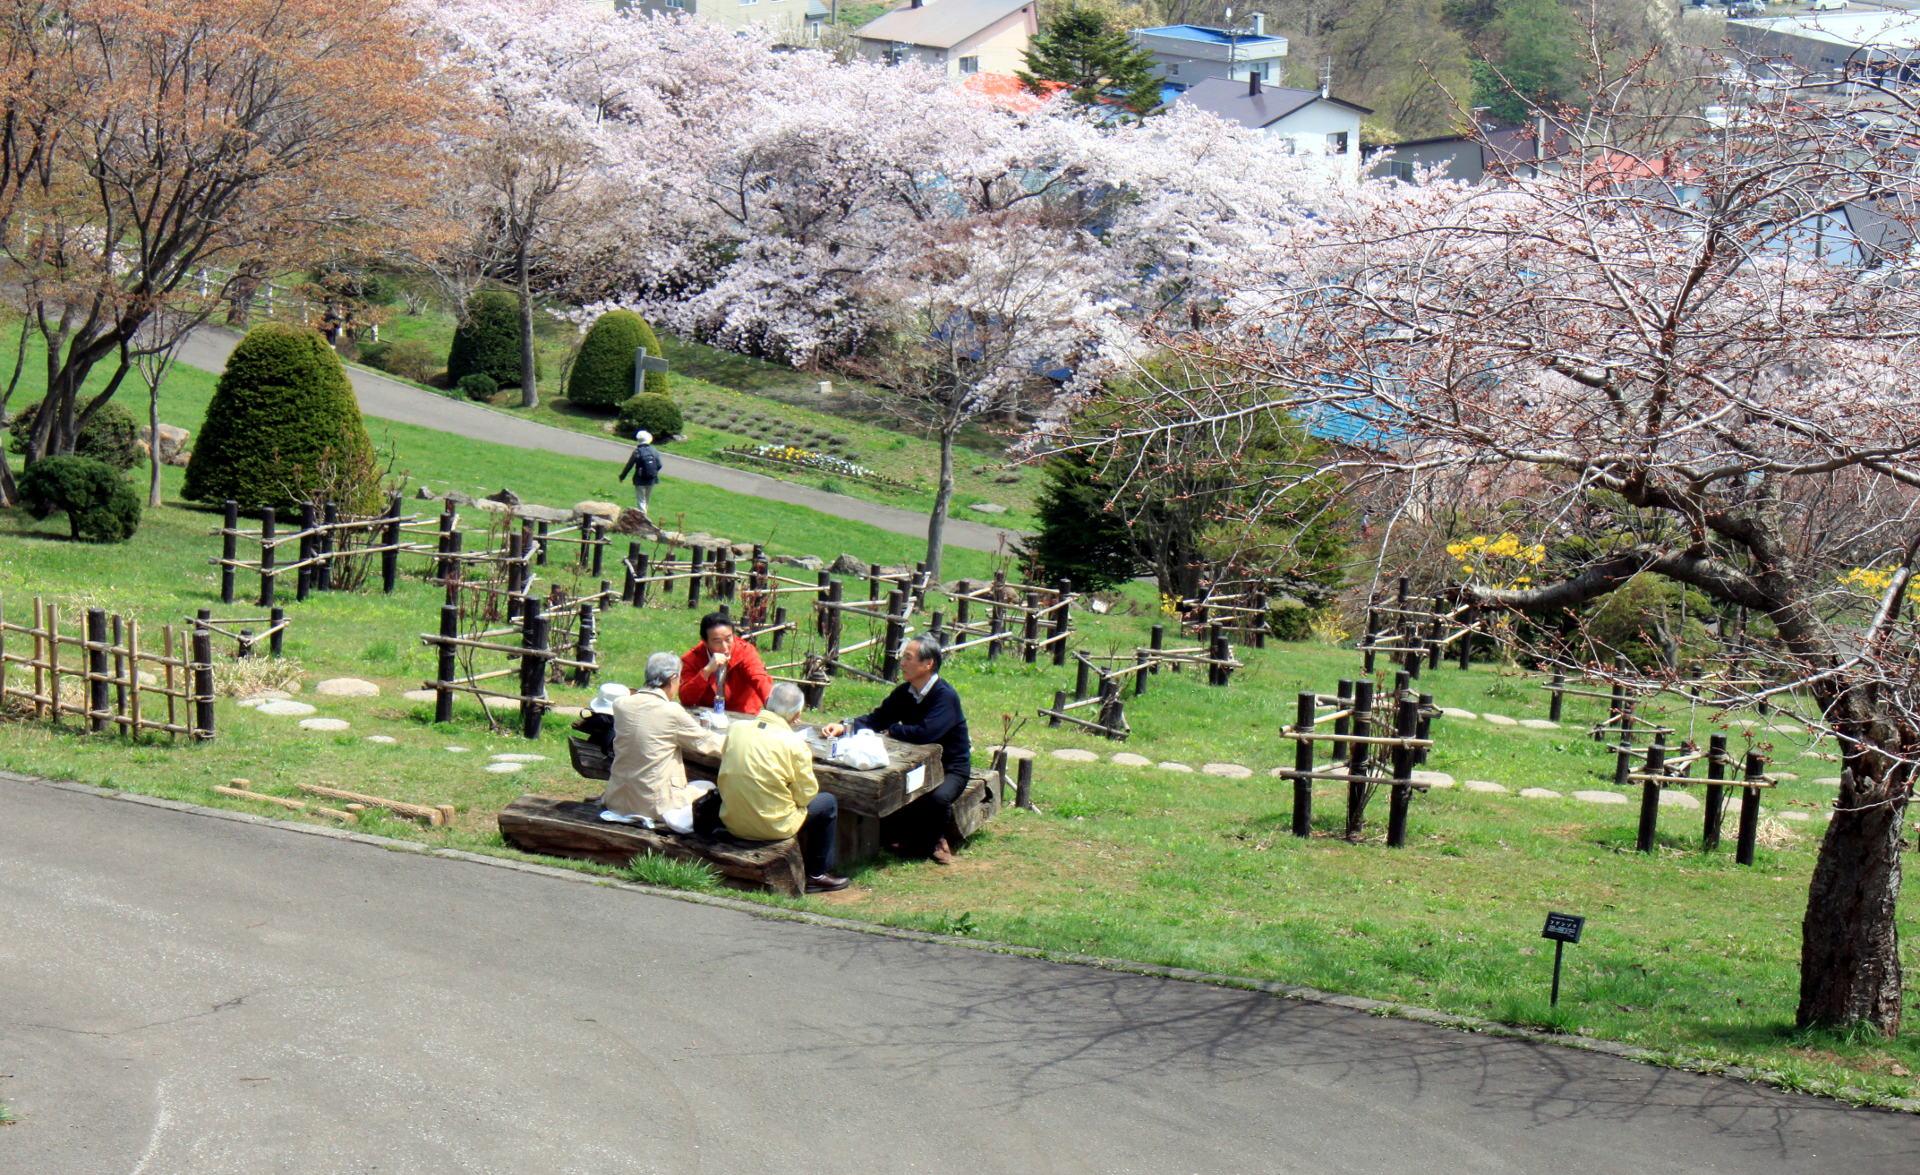 japonia mieszkancy hokkaido w parku piknik iglawpodrozy